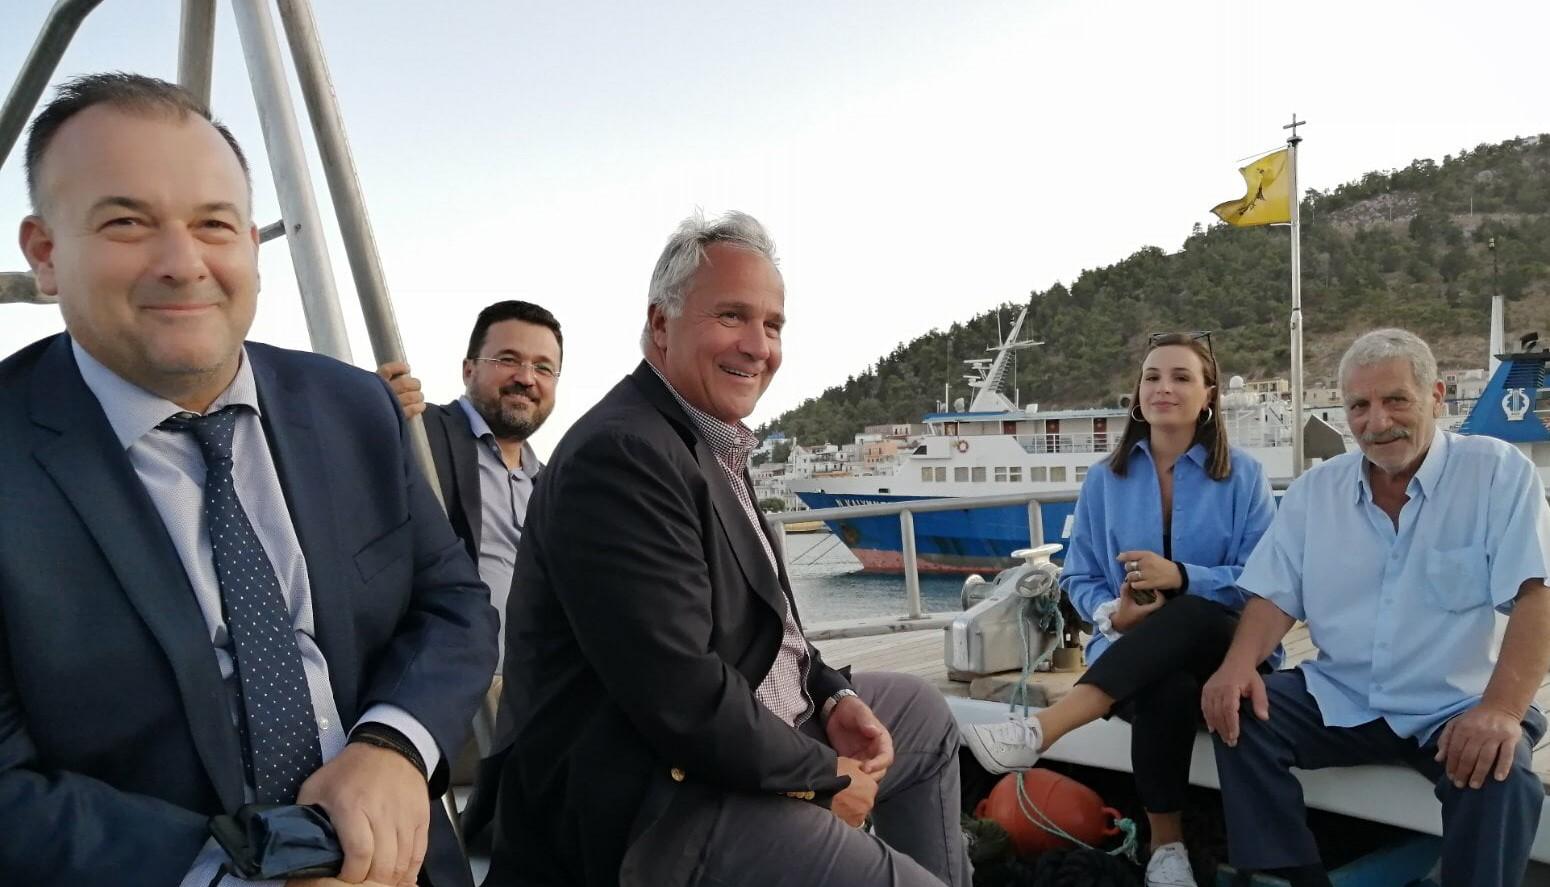 Ιωάννης Παππάς: Έμπρακτη στήριξη της παράκτιας αλιείας από́ το Υπ. Αγροτικής Ανάπτυξης